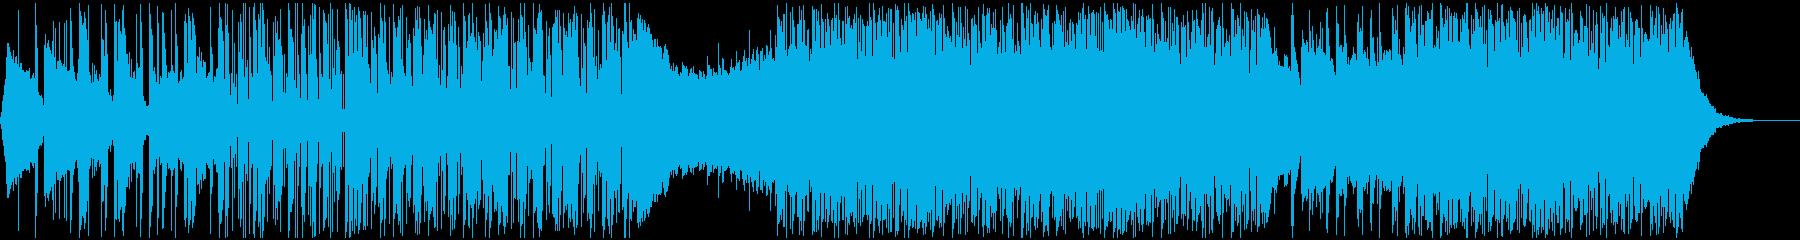 ポップ テクノ 代替案 ラウンジ ...の再生済みの波形